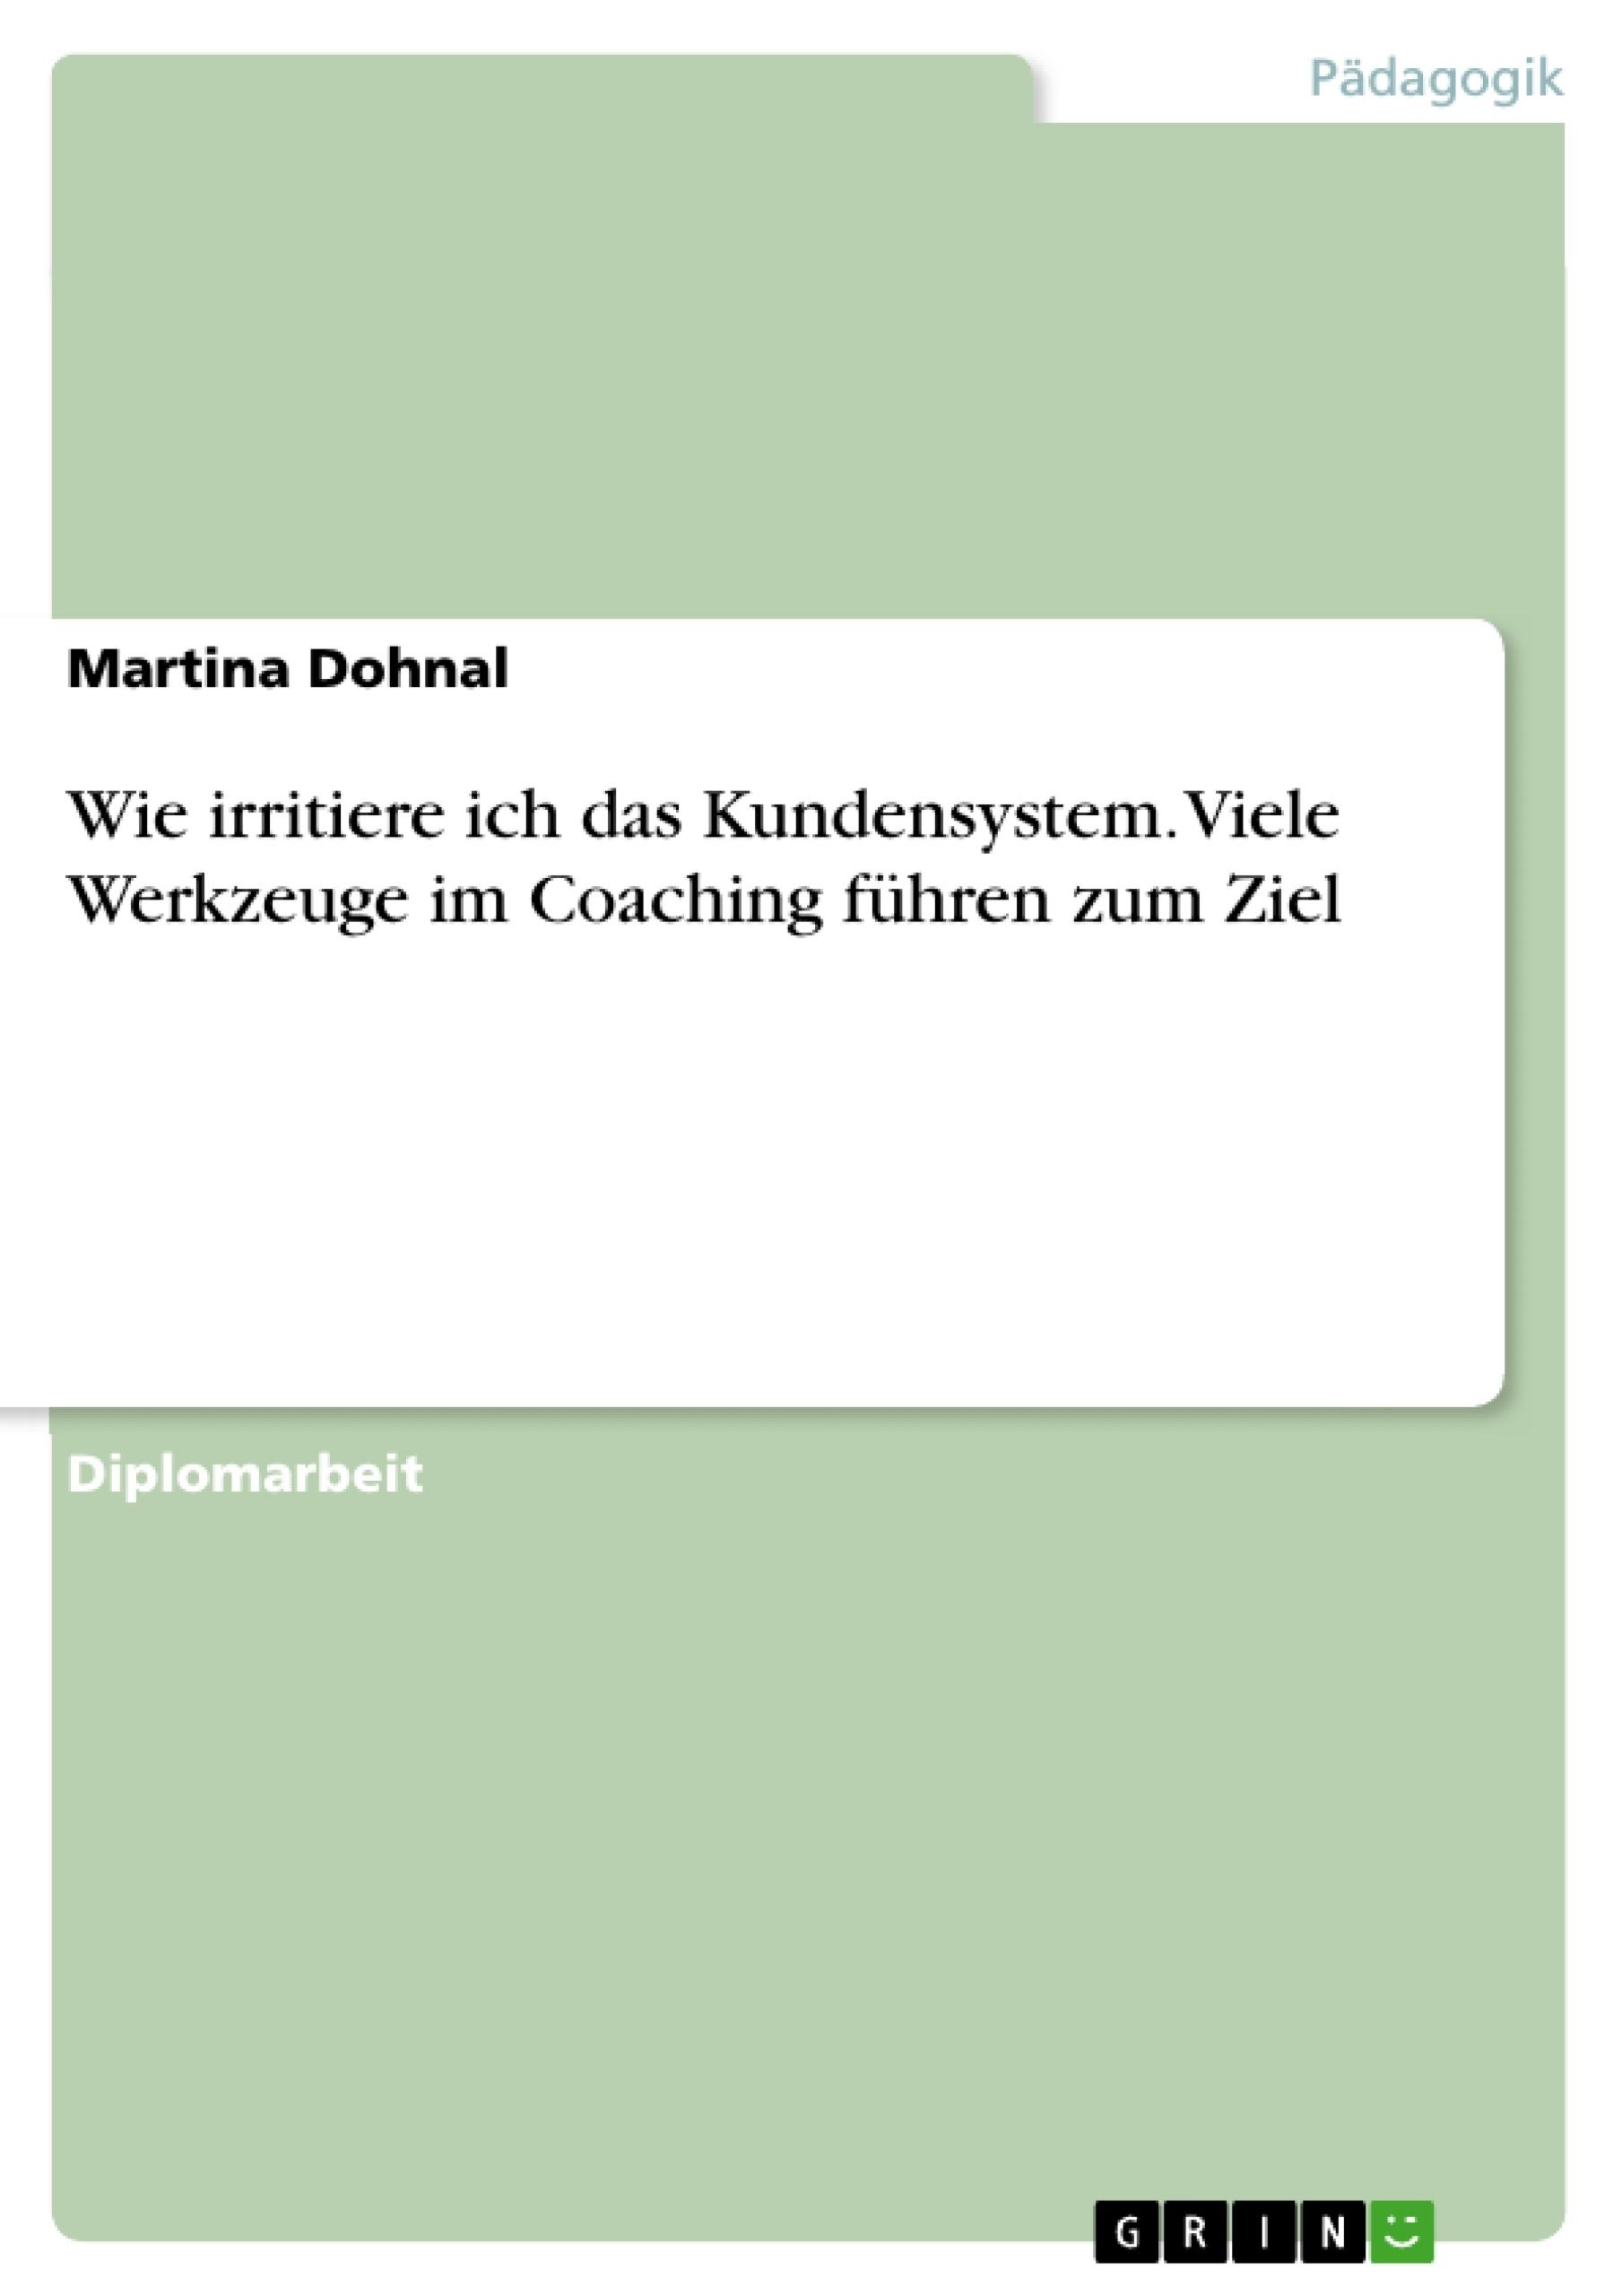 Titel: Wie irritiere ich das Kundensystem. Viele Werkzeuge im Coaching führen zum Ziel